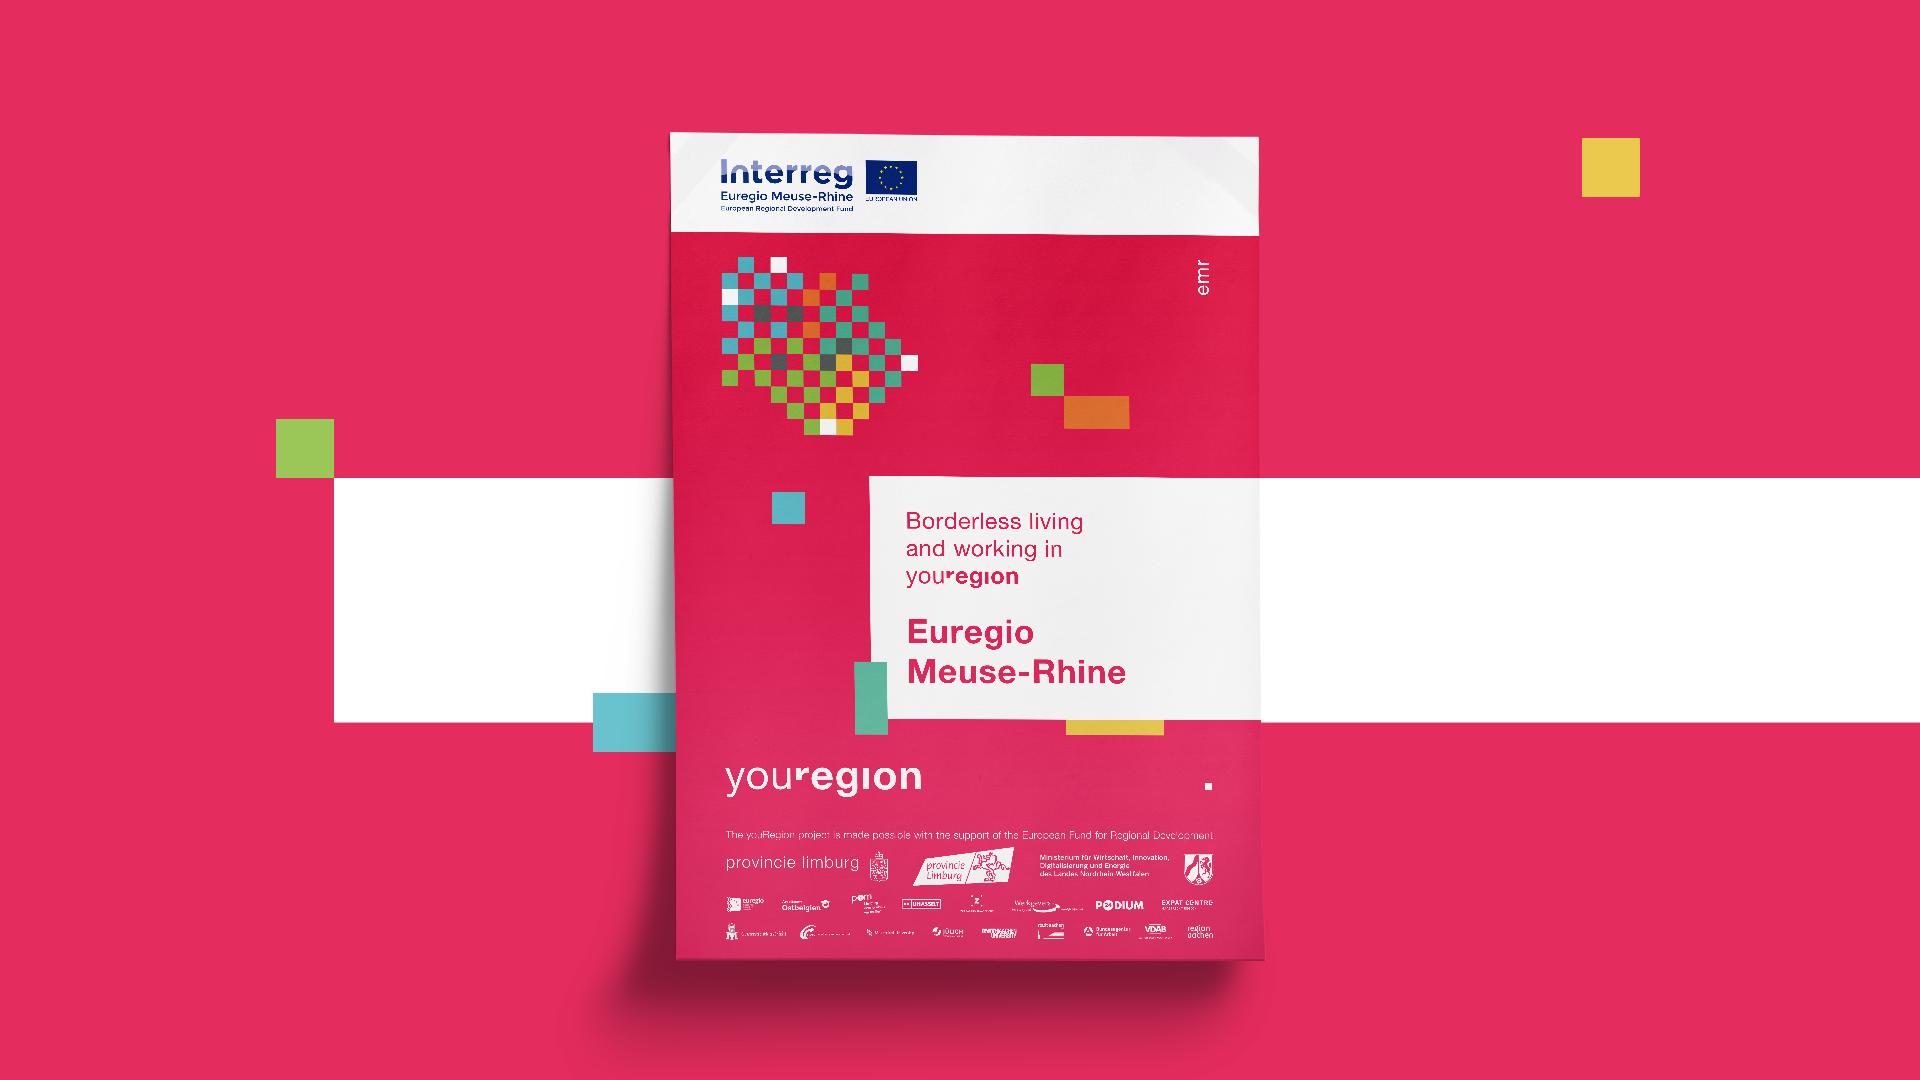 """Poster des Interreg Euregio Maas-Rhein Projektes youRegion mit dem Titel """"Borderless living and working in youRegion""""."""